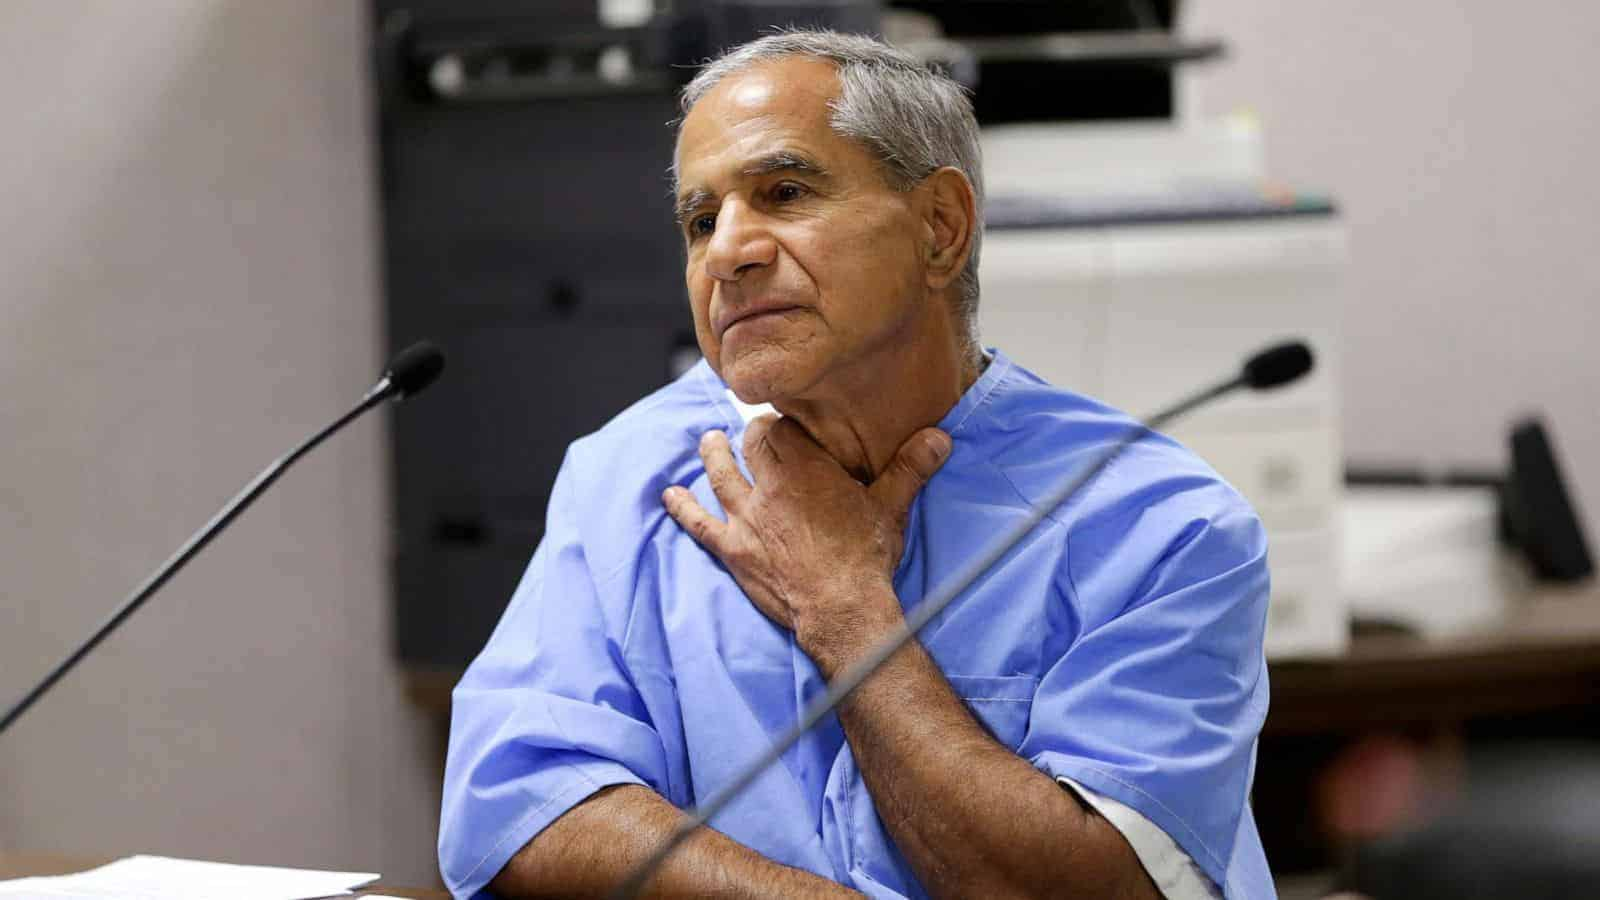 Sirhan Sirhan oggi, condannato per l'omicidio di Bob Kennedy ucciso nel 1968 - Stati Uniti - magazine ilbiondino.org - ProsMedia - Agenzia Corte&Media-min